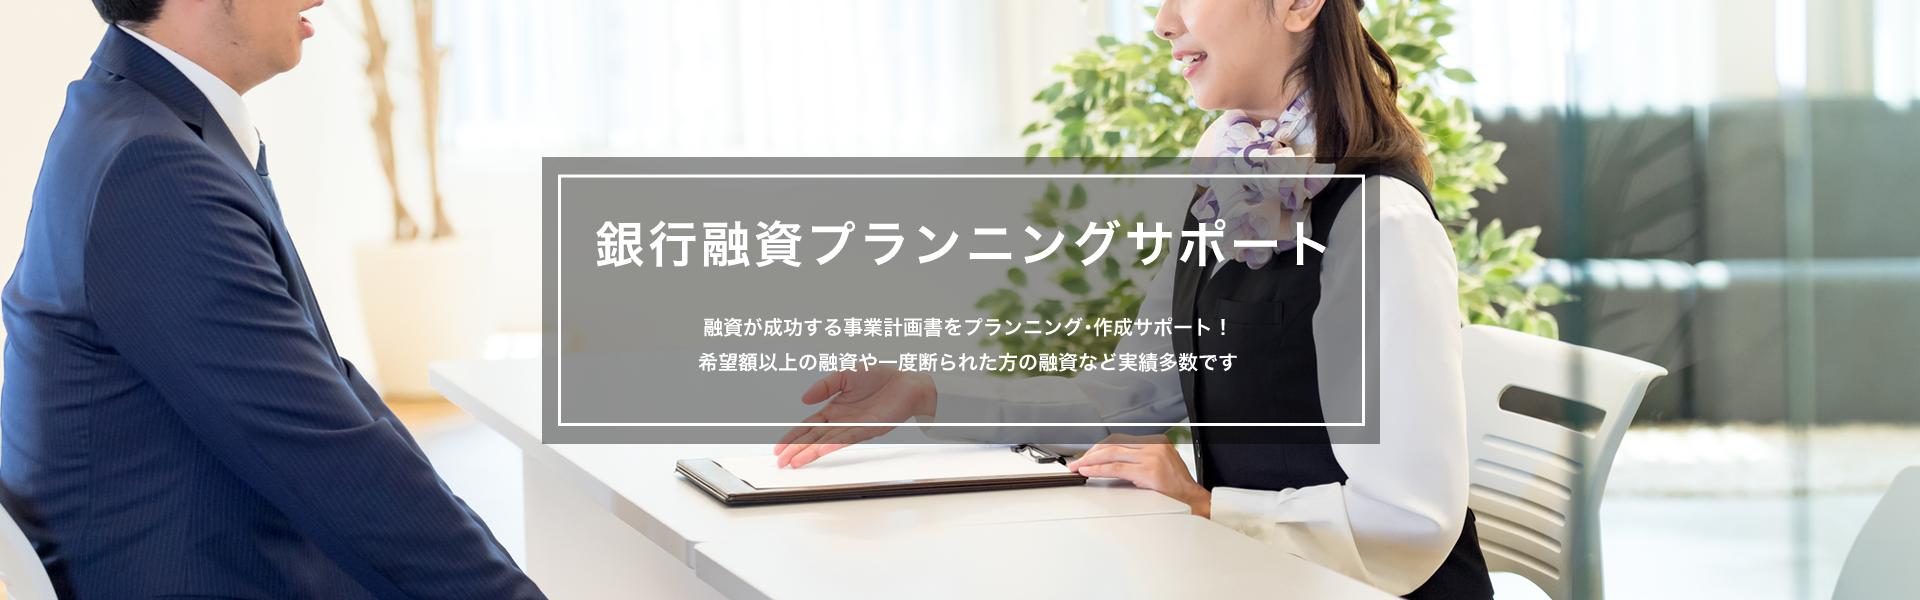 税理士_銀行融資サポート